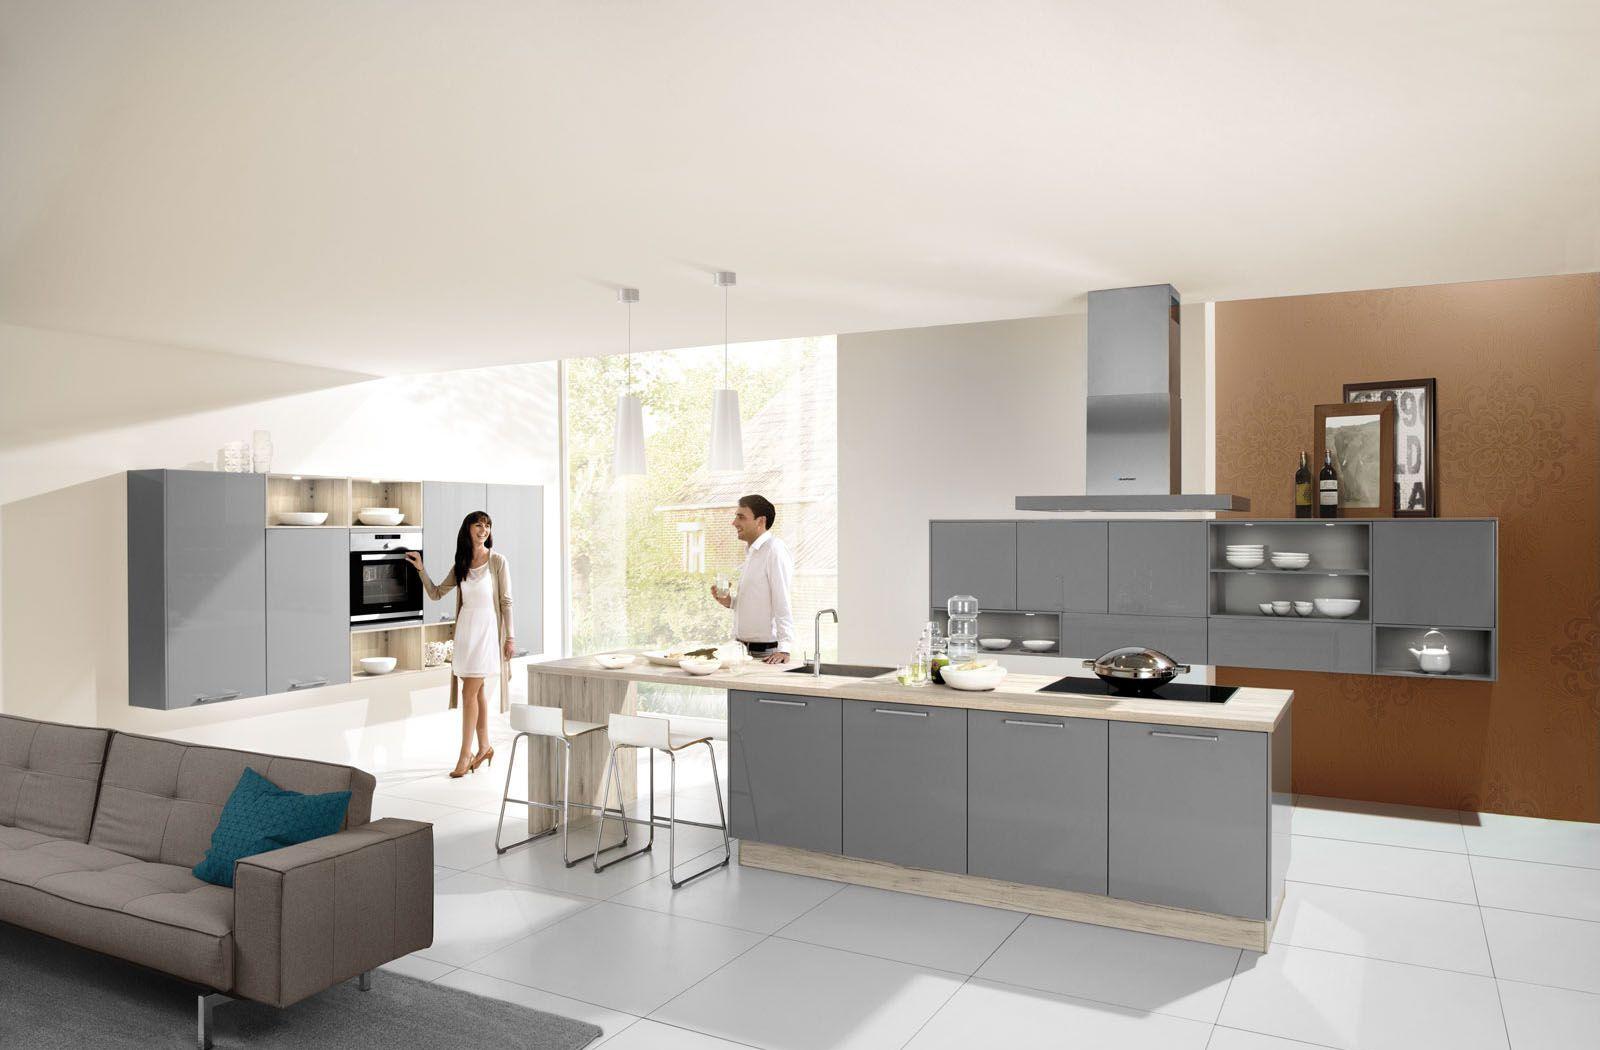 Moderne Keuken Grijs : Tijdloze moderne keuken grijze keuken meer keukeninspiratie